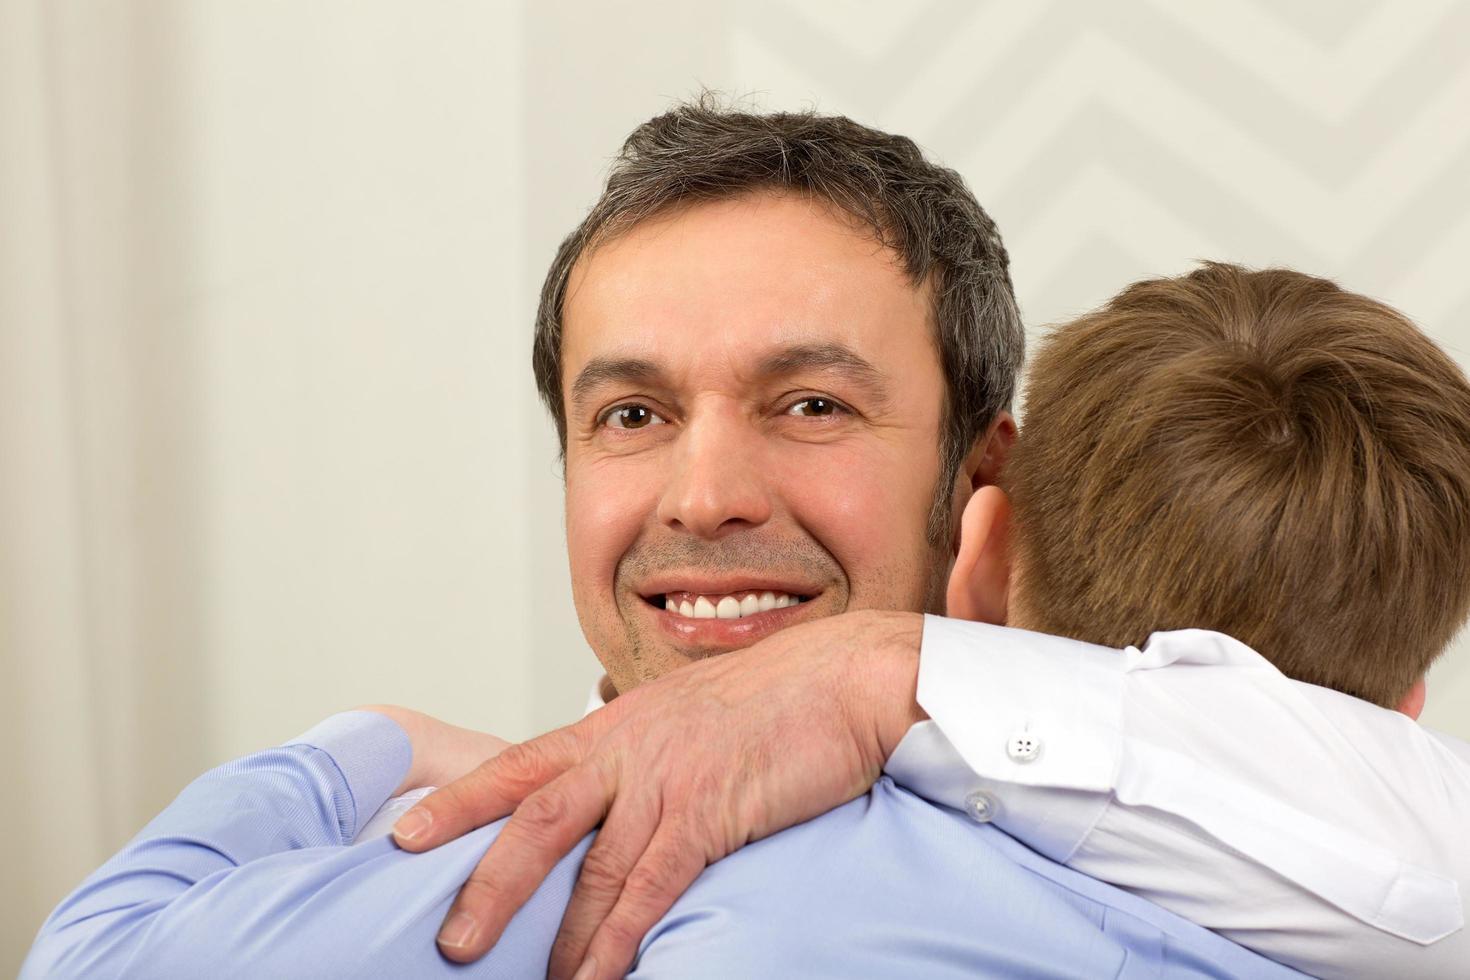 père étreignant son fils photo